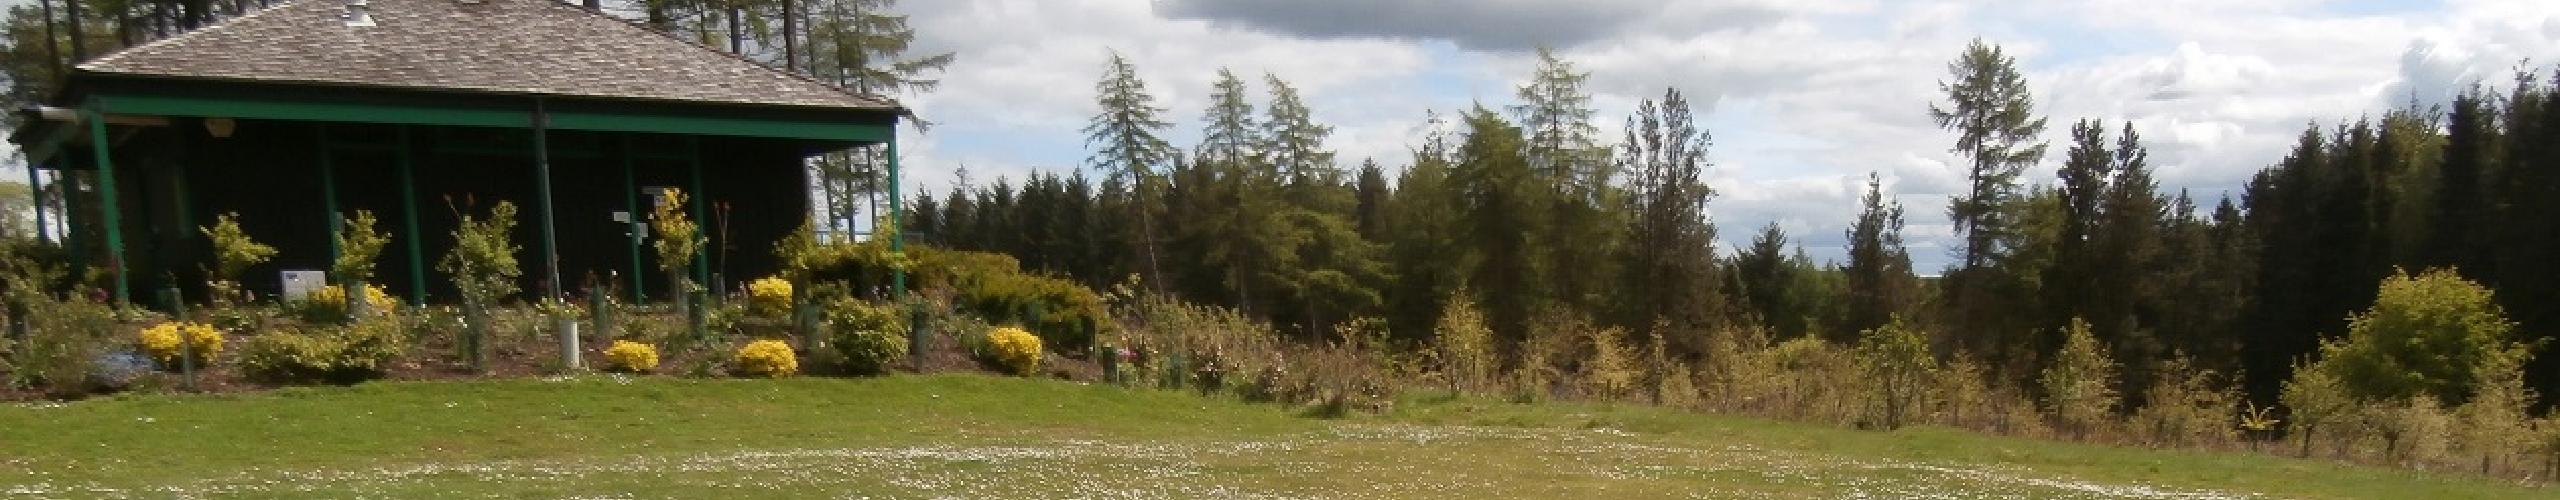 General Campsite